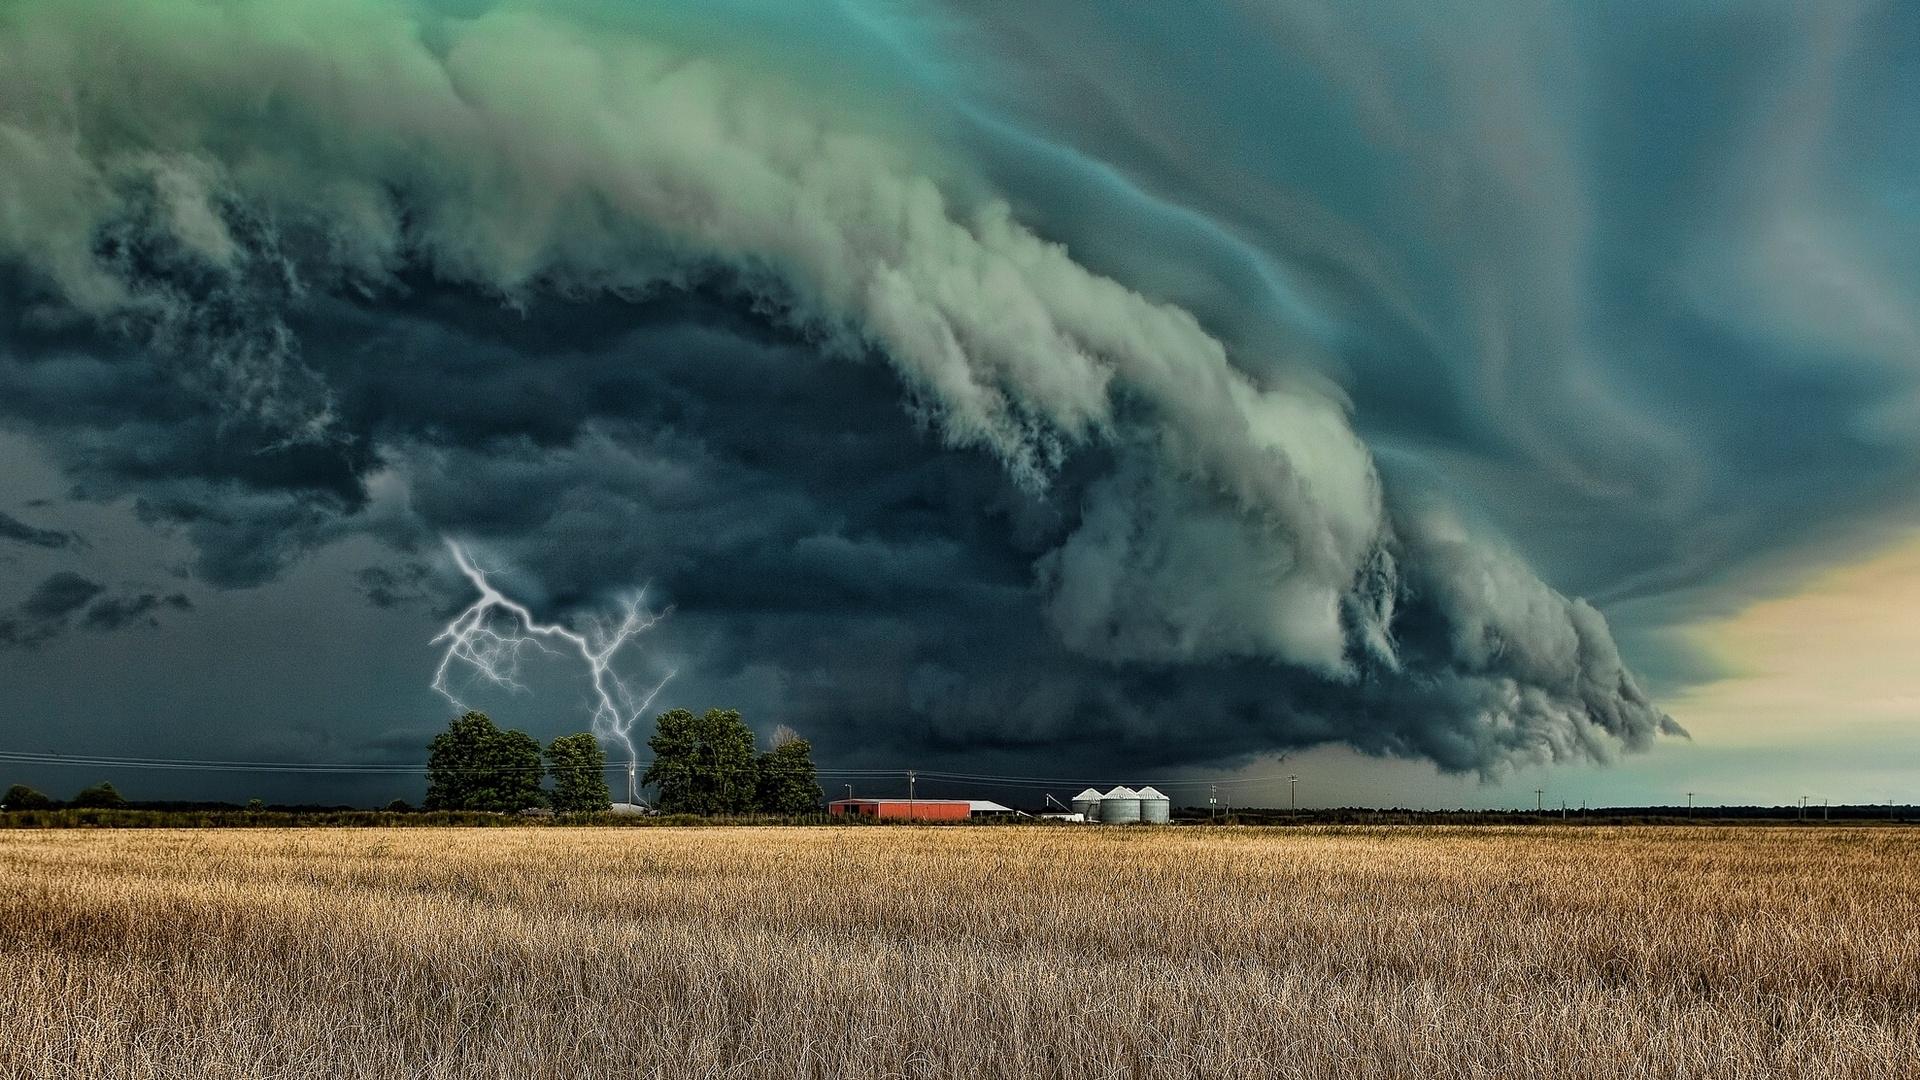 торнадо прикольные картинки перепечатали